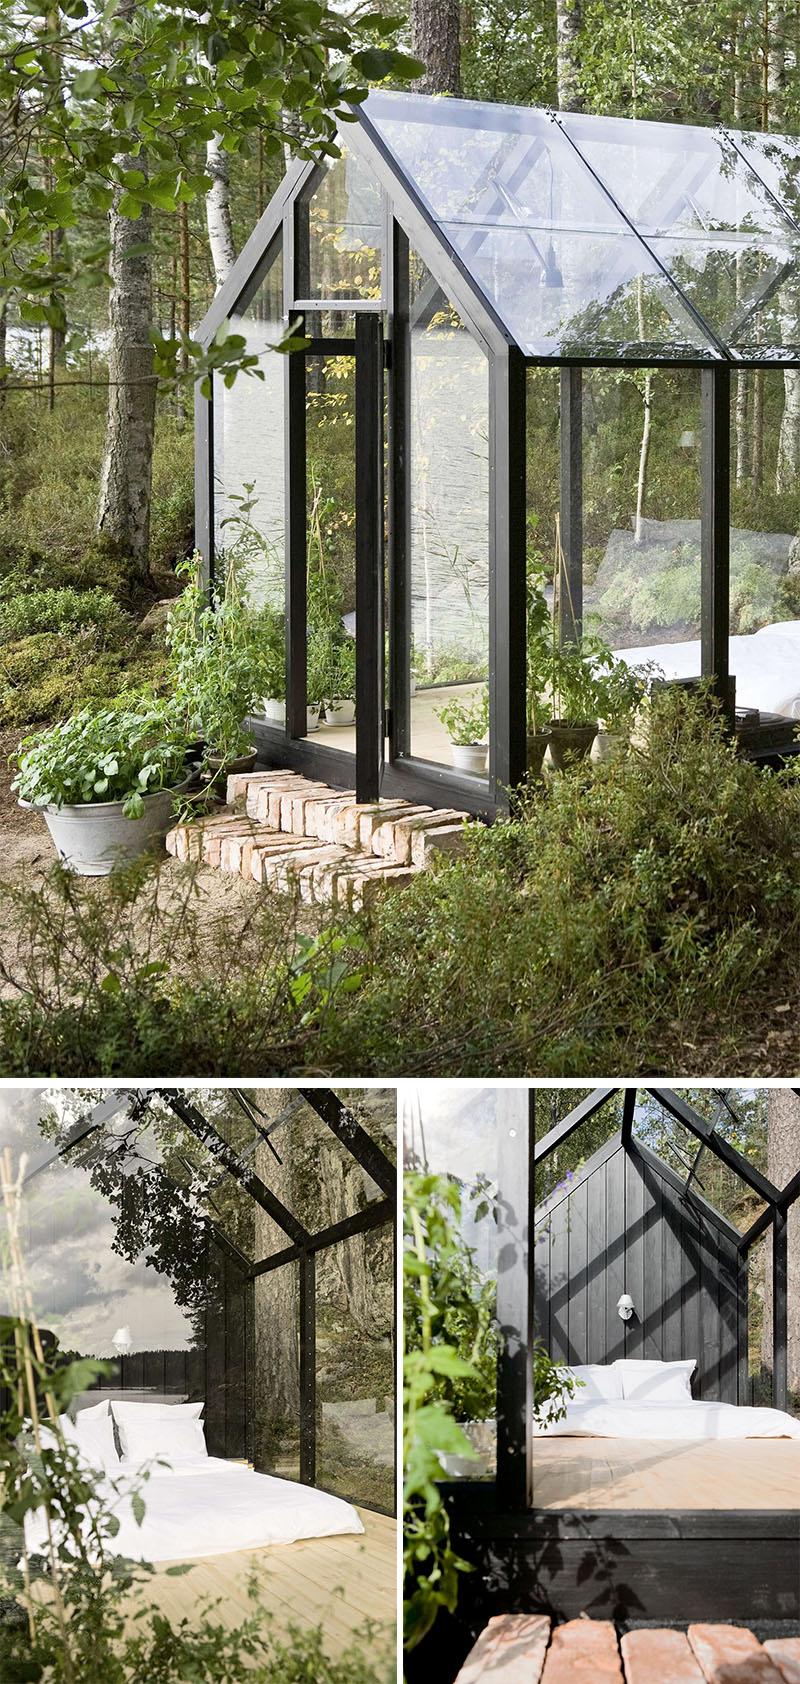 modern-garden-bedroom-200117-1053-02a